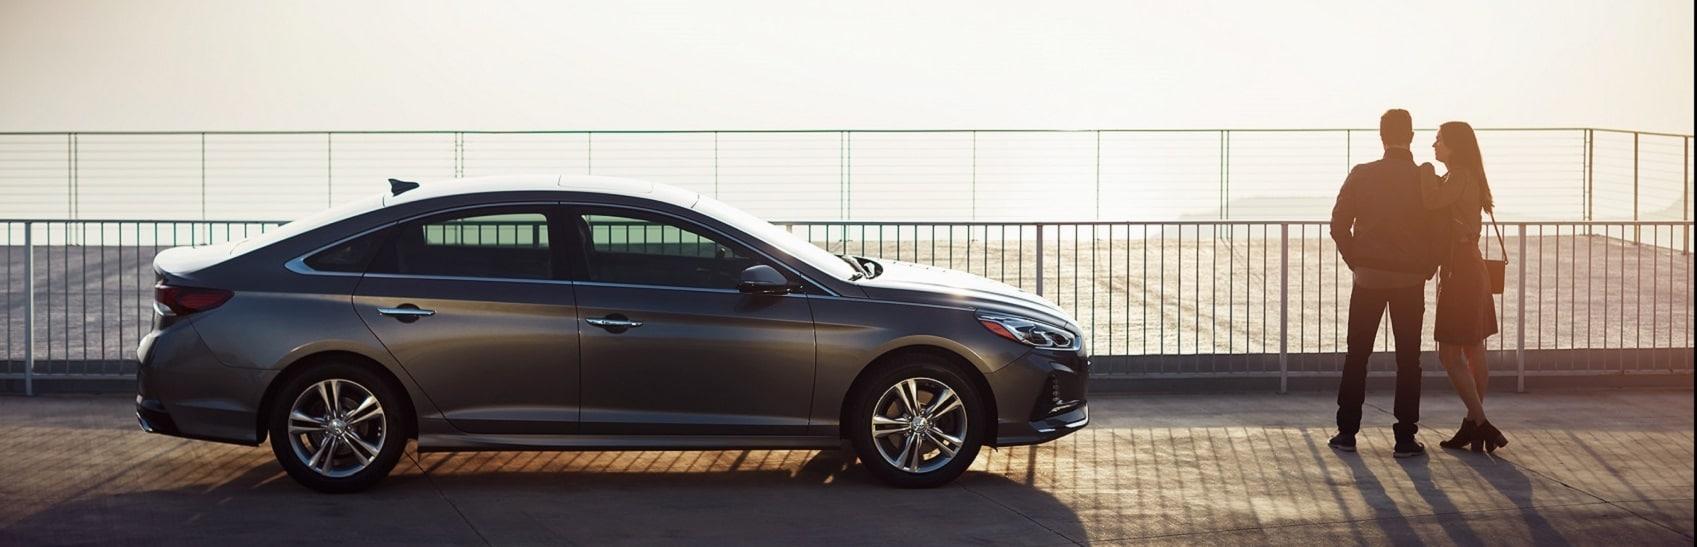 Hyundai Sonata Mpg >> Hyundai Sonata Mpg Rating Willow Grove Pa Sussman Hyundai